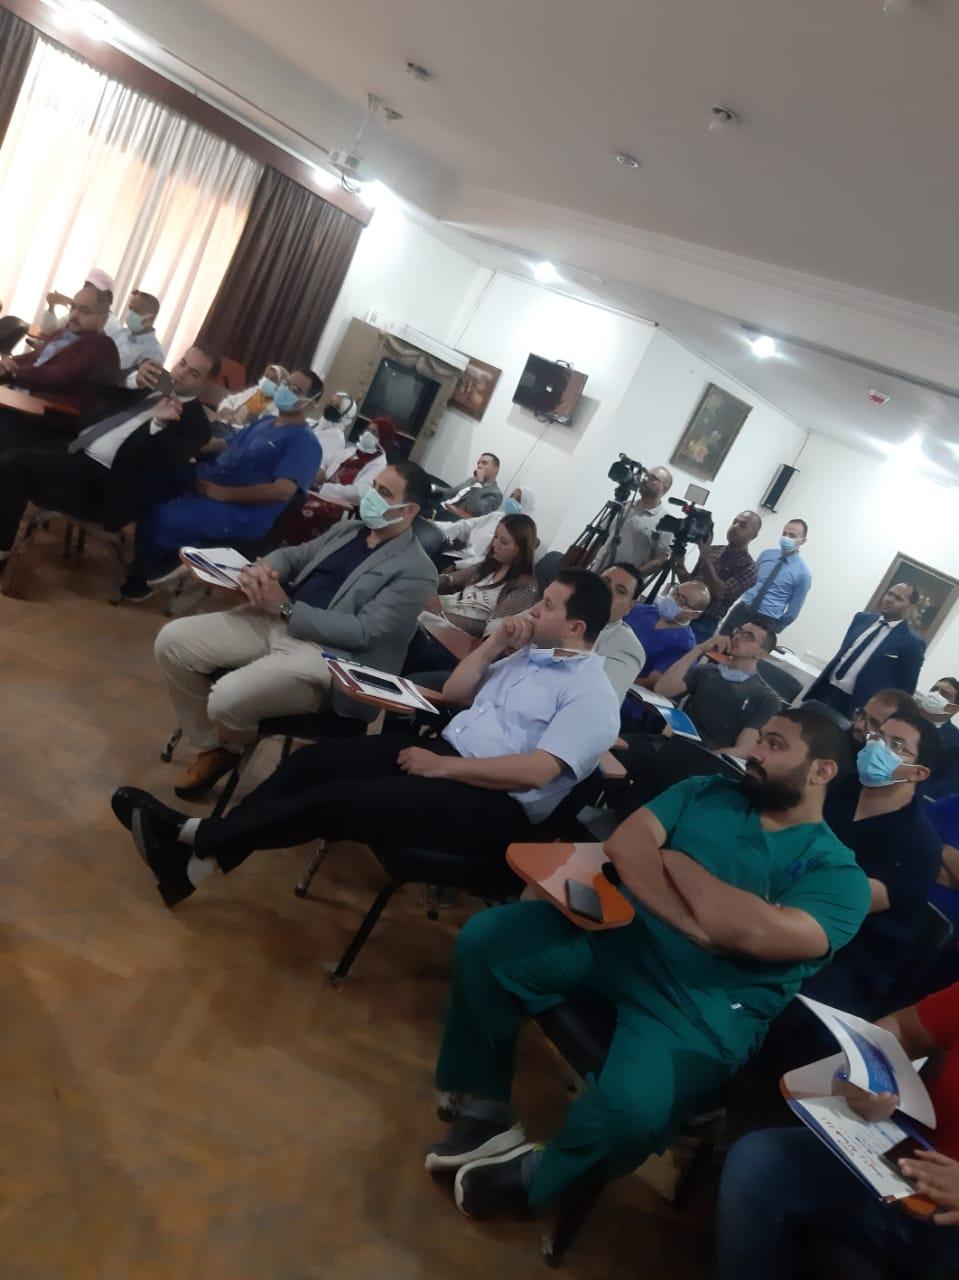 مؤتمر اليوم العملي الذي نظمه مستشفي الهرم